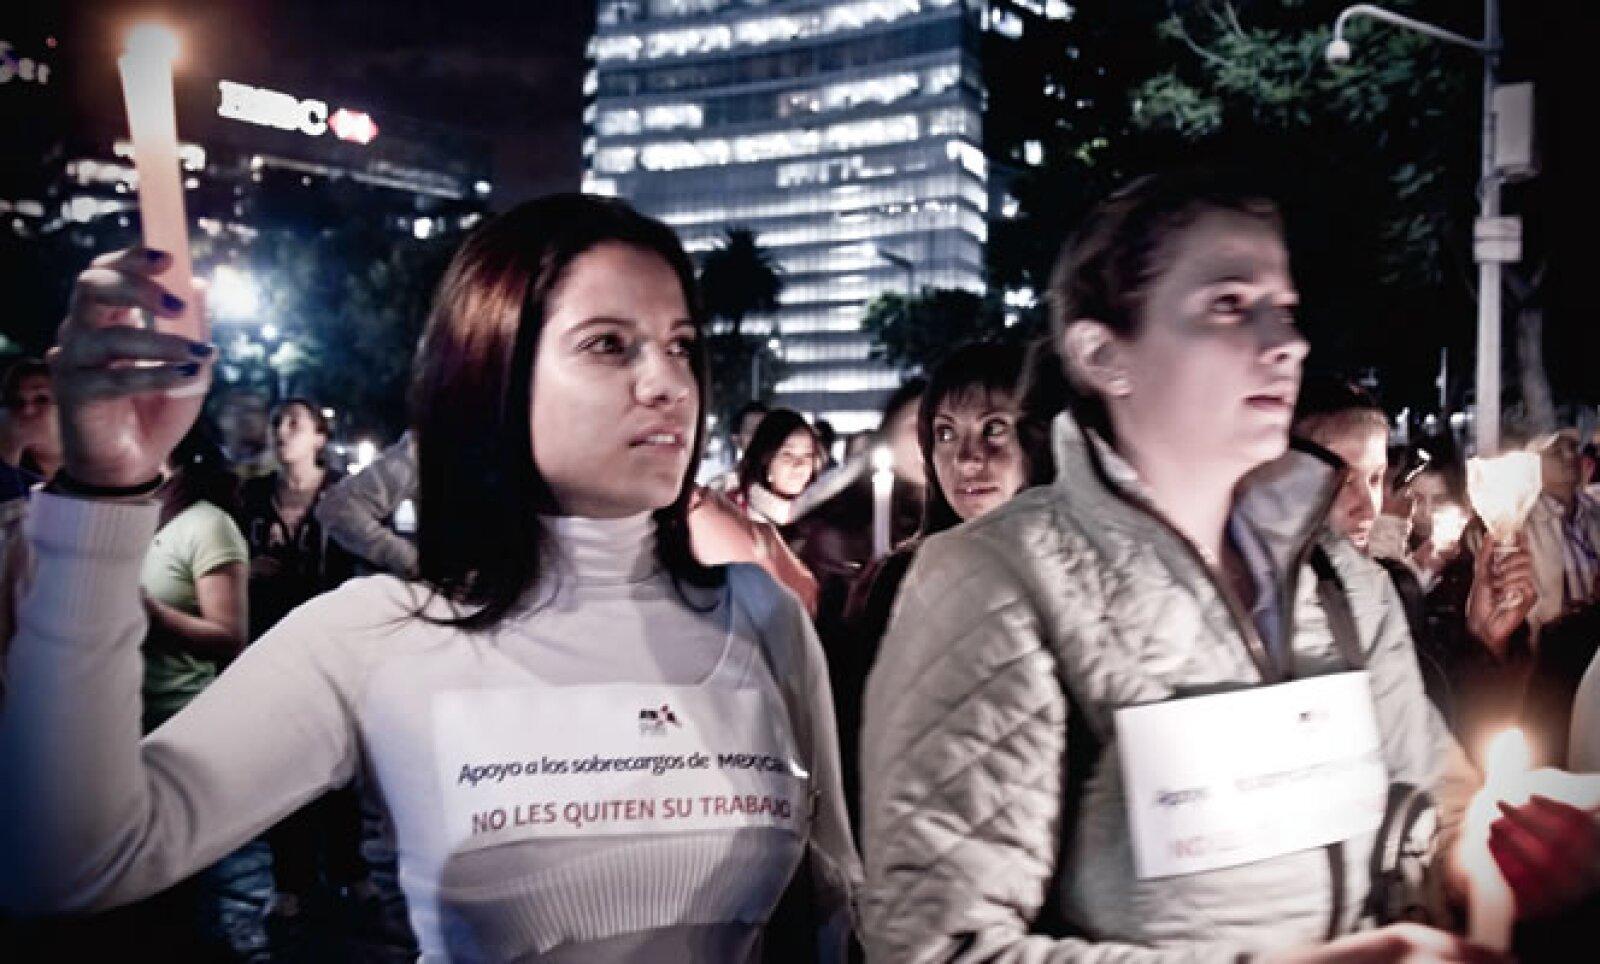 La Asociación Sindical de Sobrecargos convocó a una manifestación nocturna, así, con vestimentas blancas y veladoras en mano rodearon el Ángel de la Independencia.